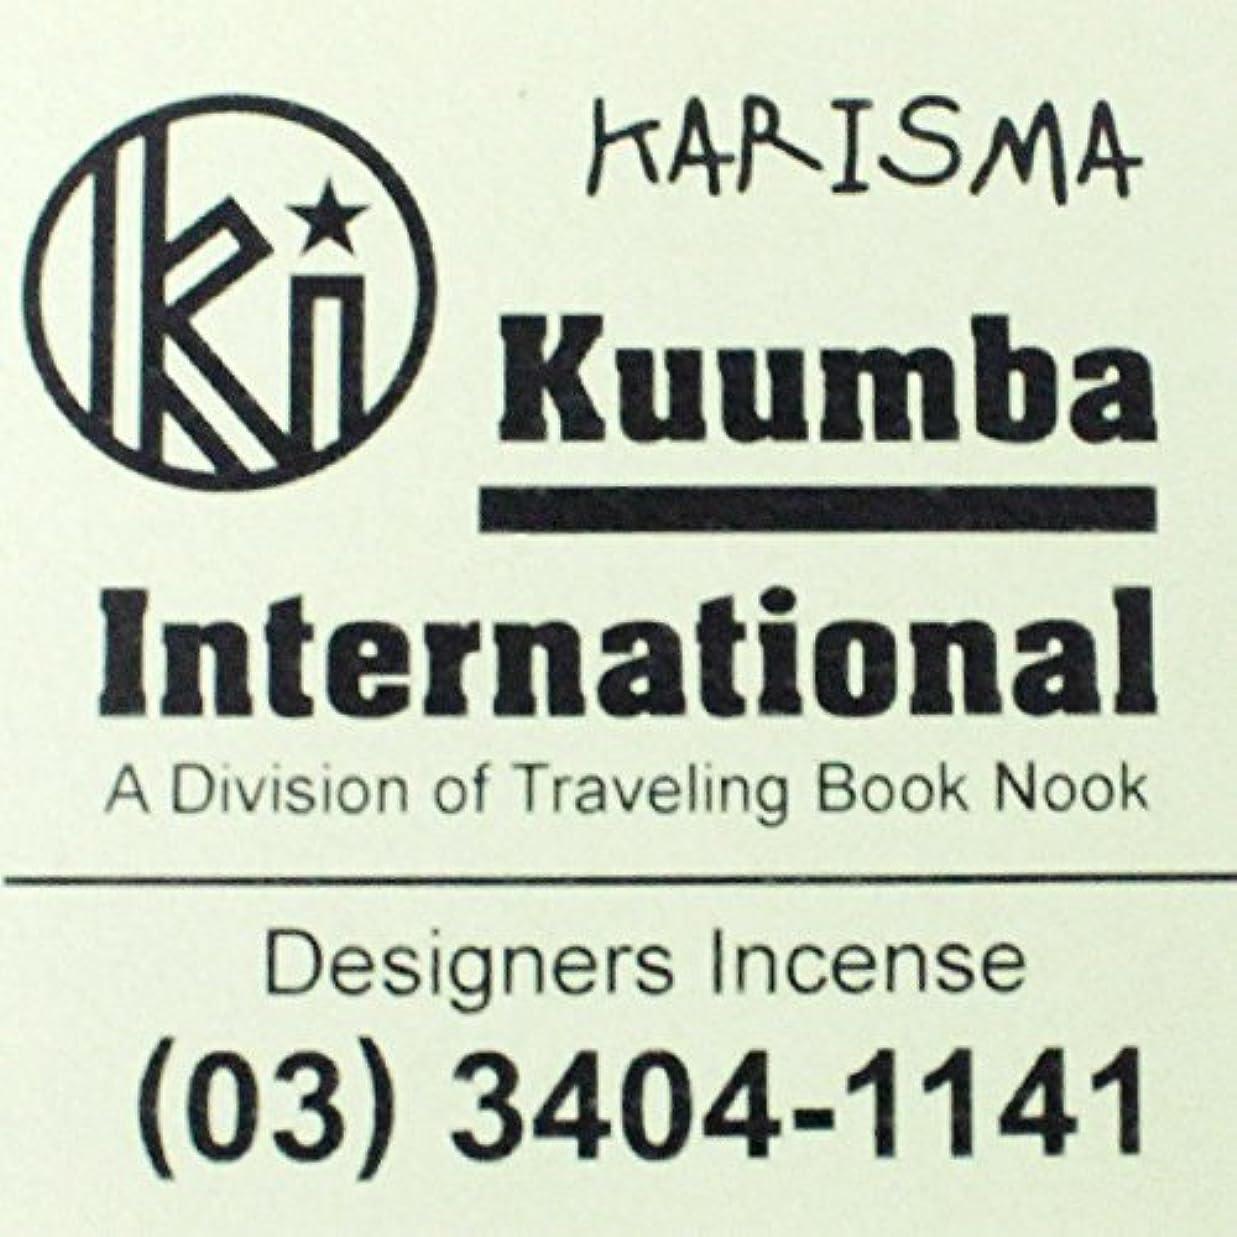 調整するメタン語(クンバ) KUUMBA『incense』(KARISMA) (Regular size)